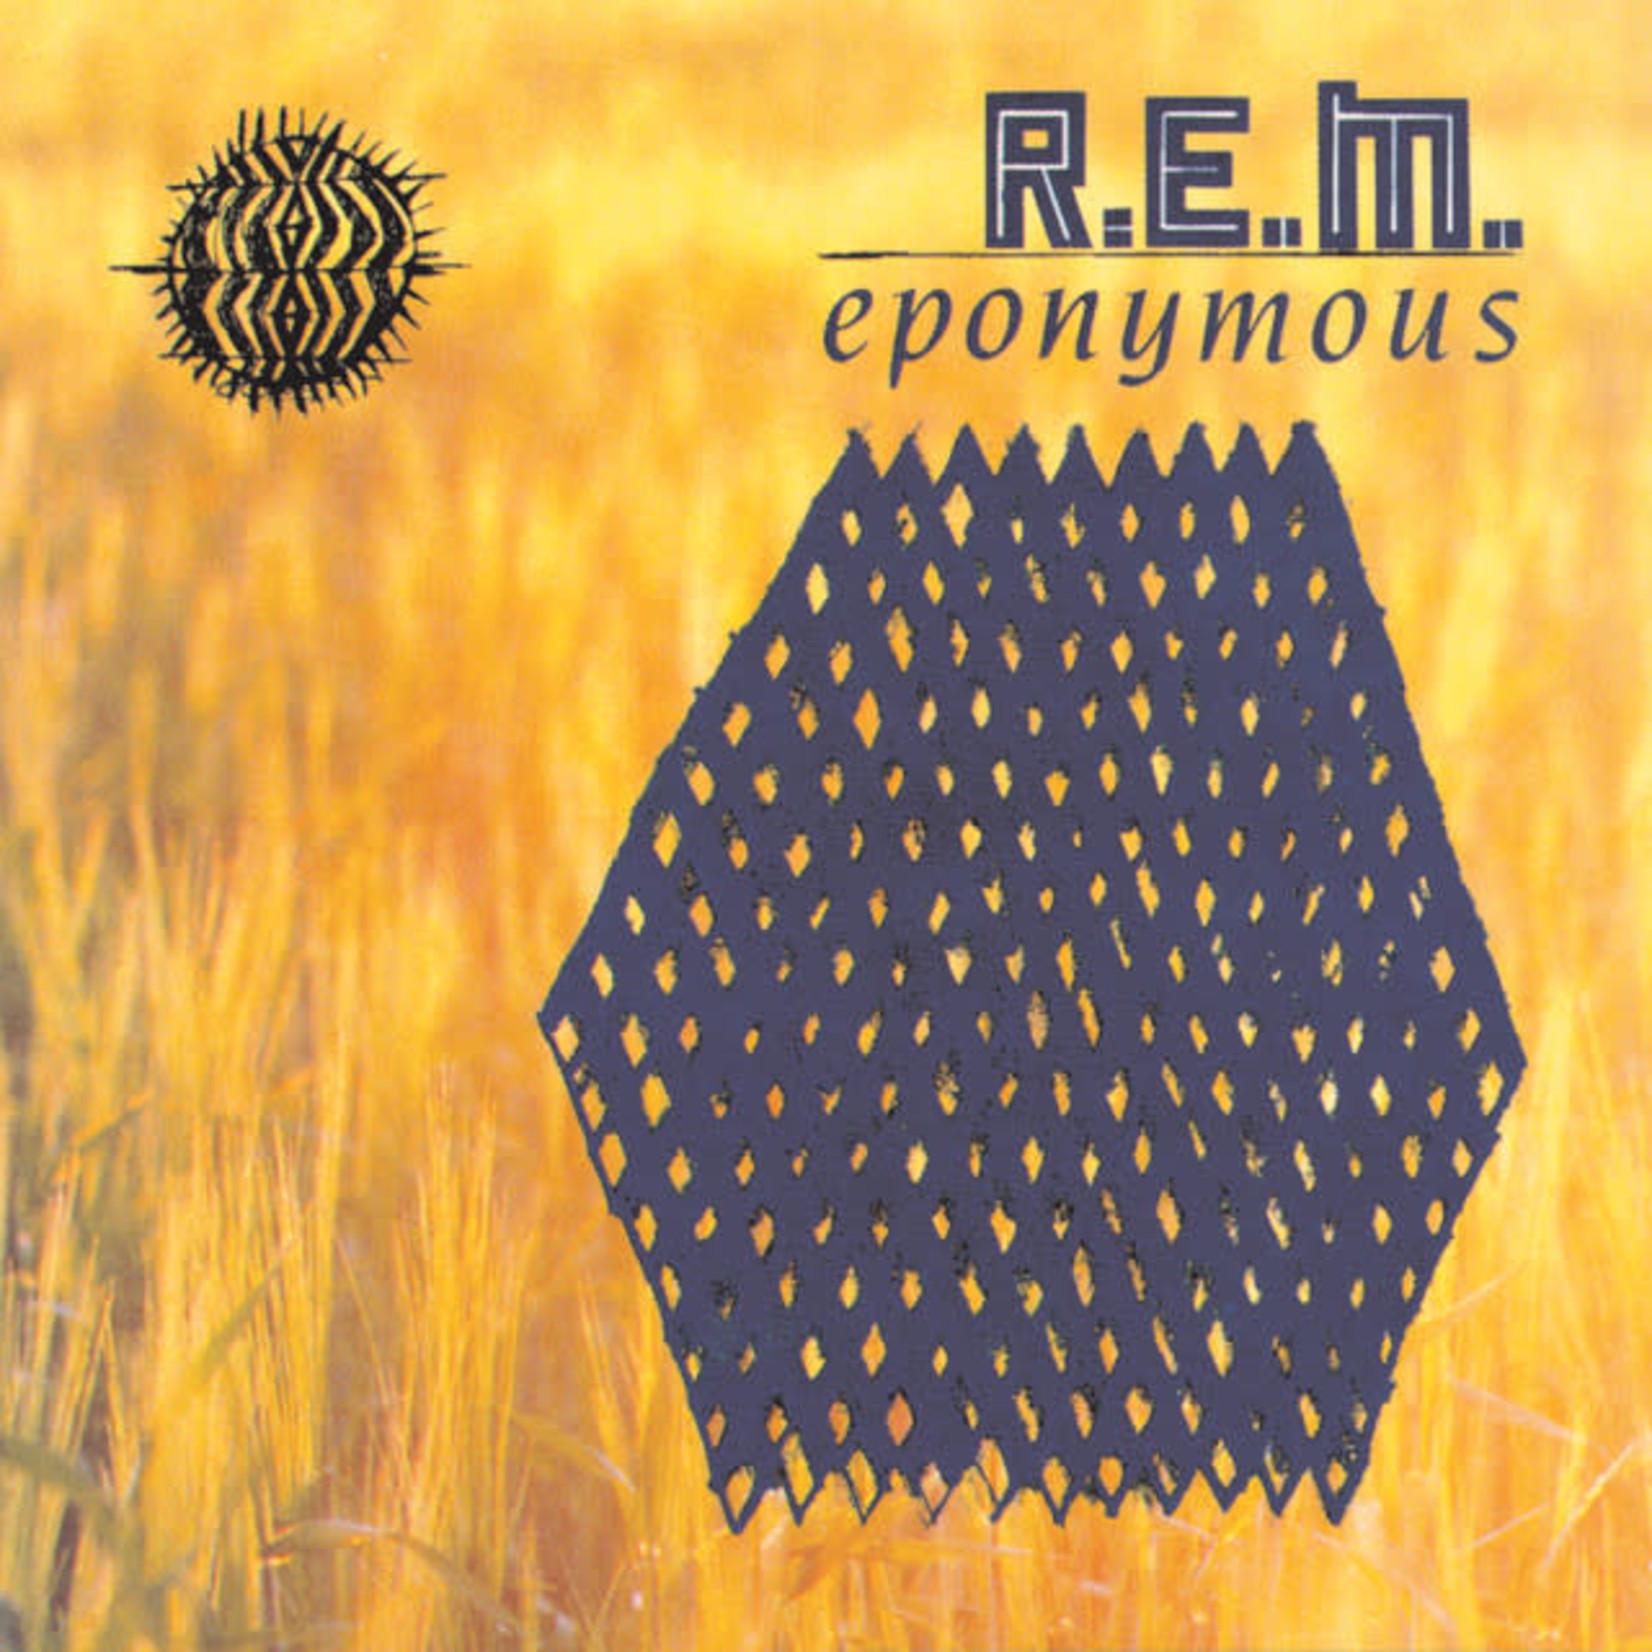 Vinyl R.E.M. - Eponymous